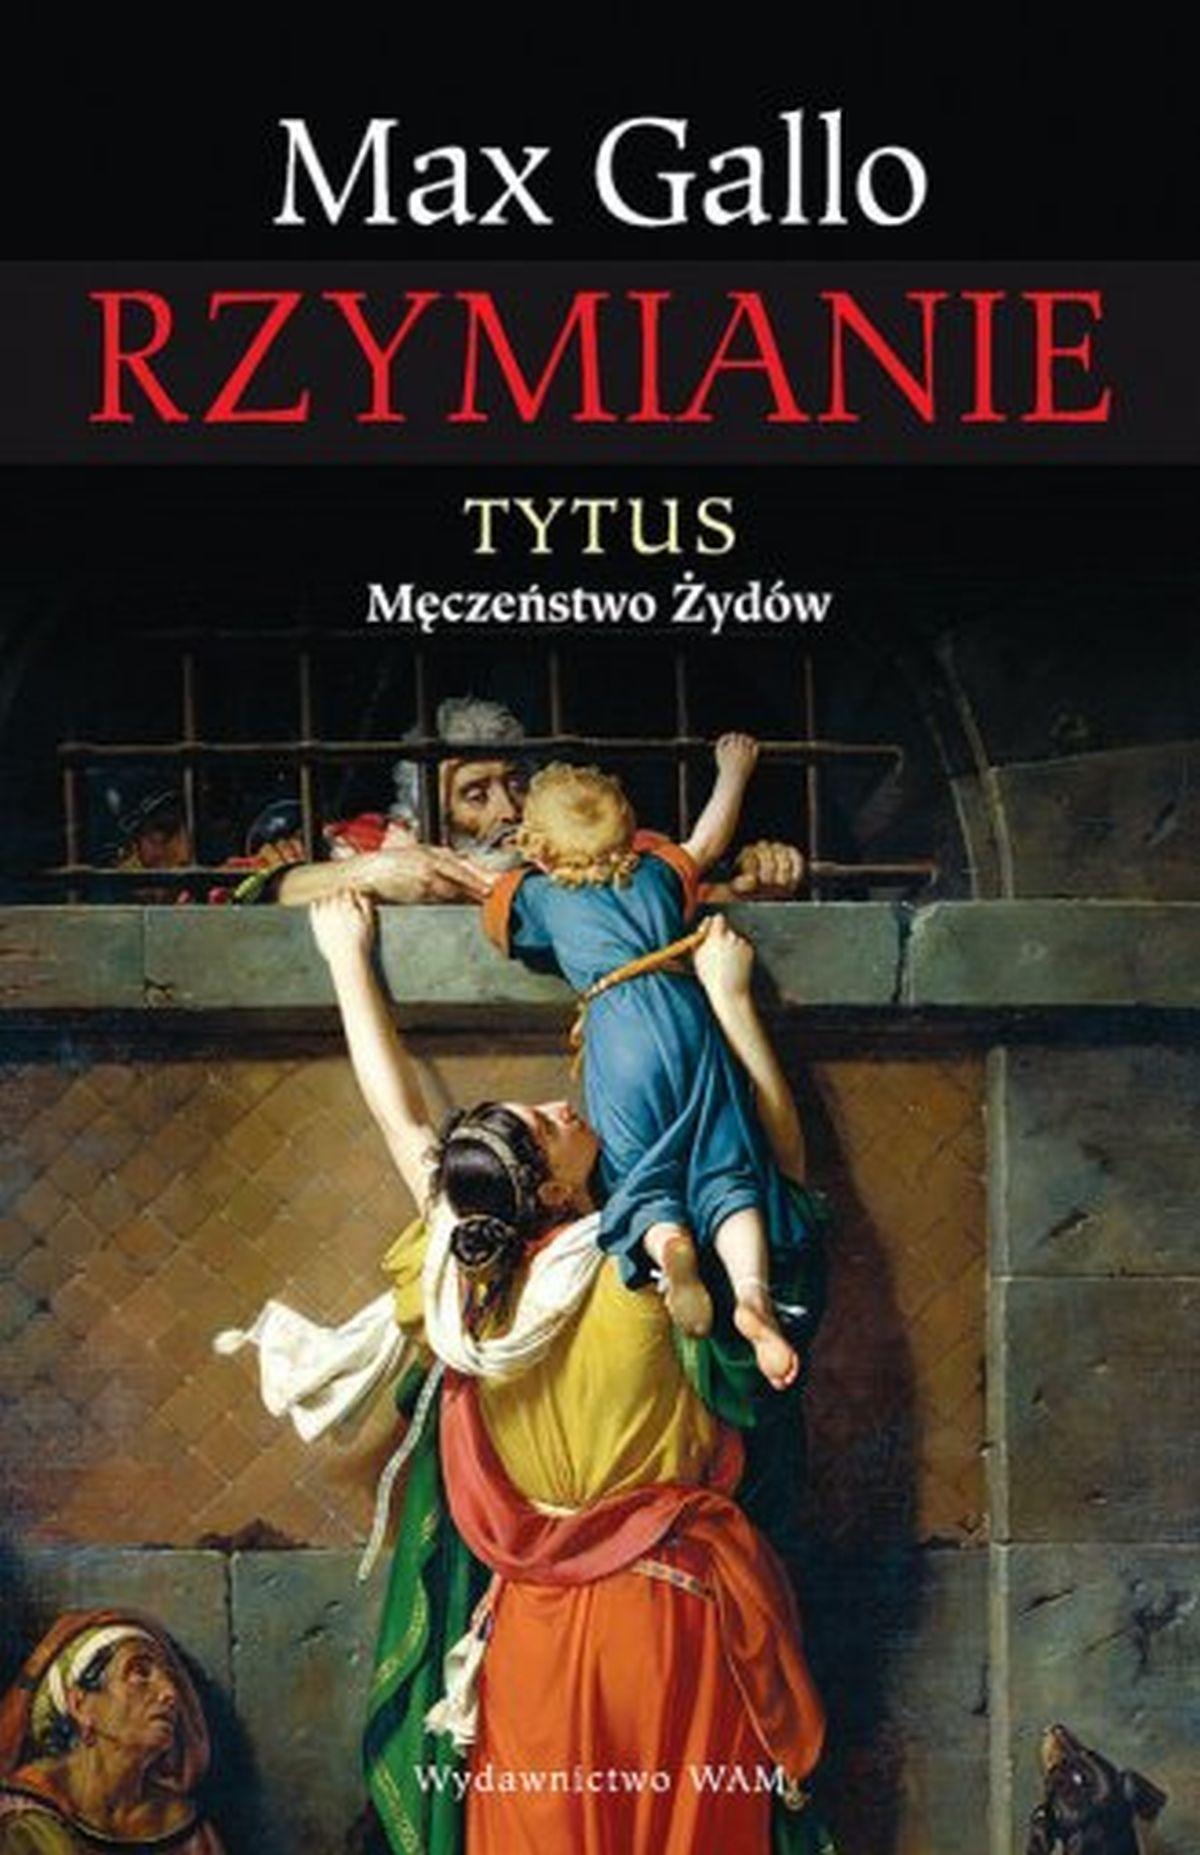 Rzymianie. Tytus. Męczeństwo Żydów